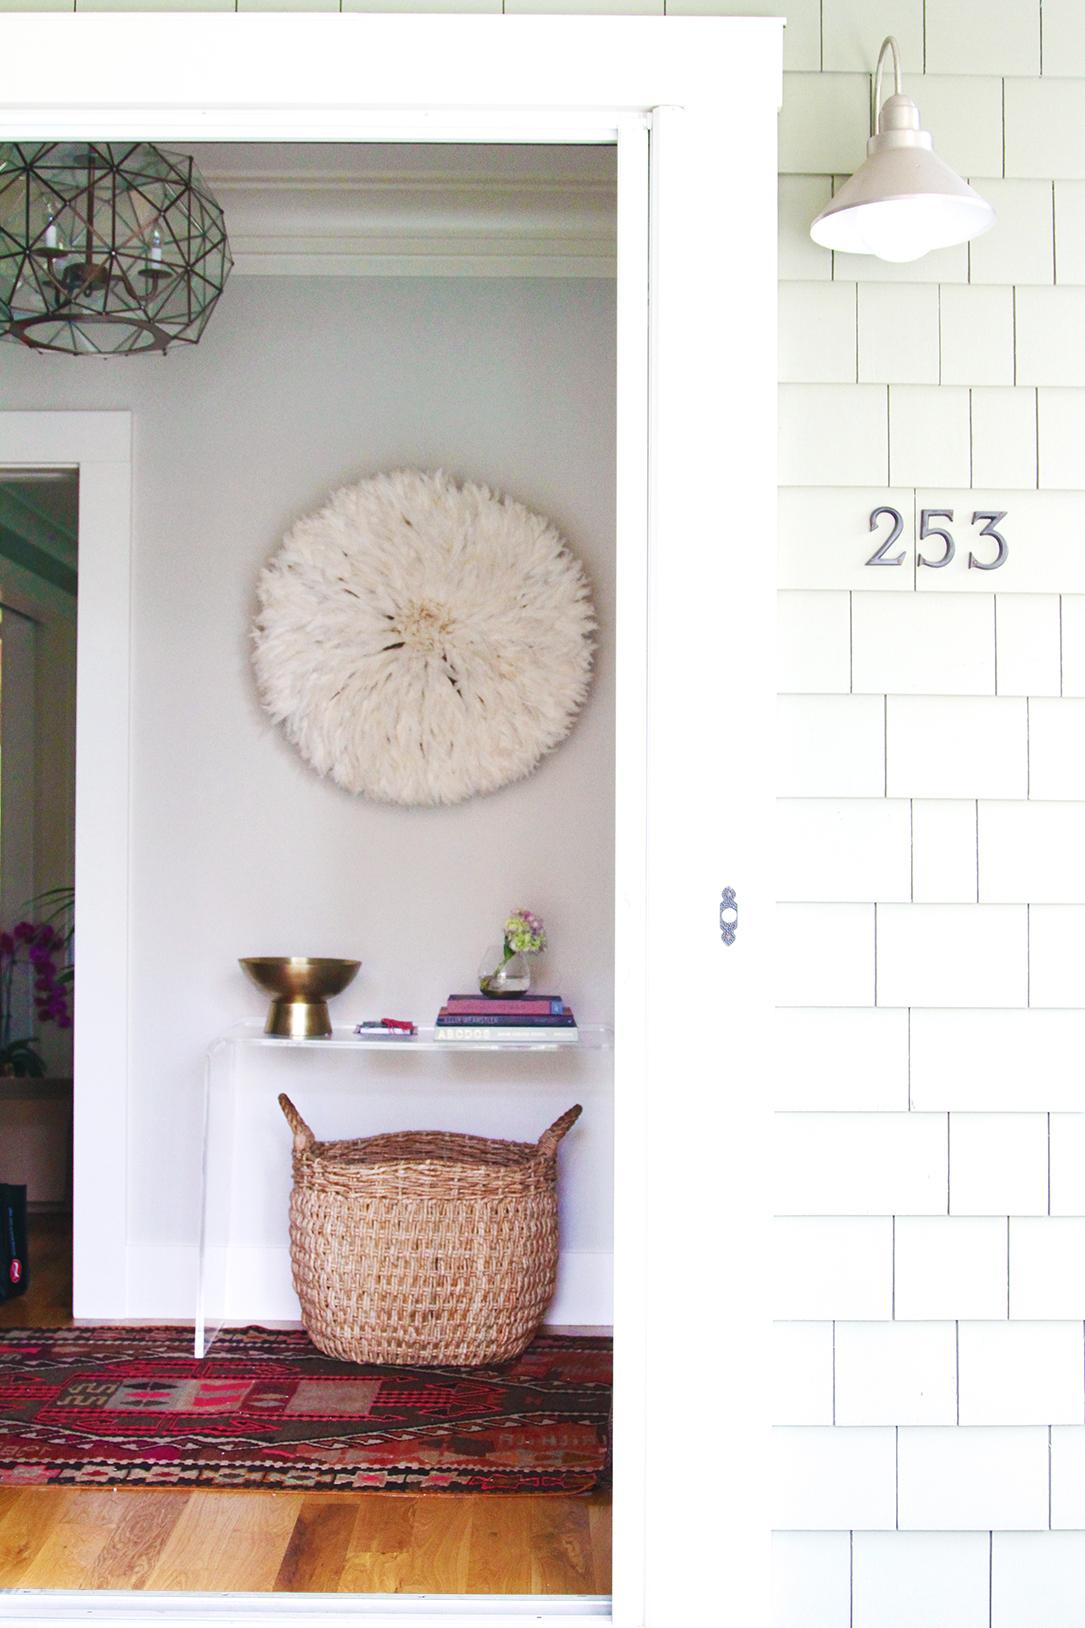 50 ideas para que la entrada de tu casa se vea fabulosa - Ideas para decorar una entrada de casa ...